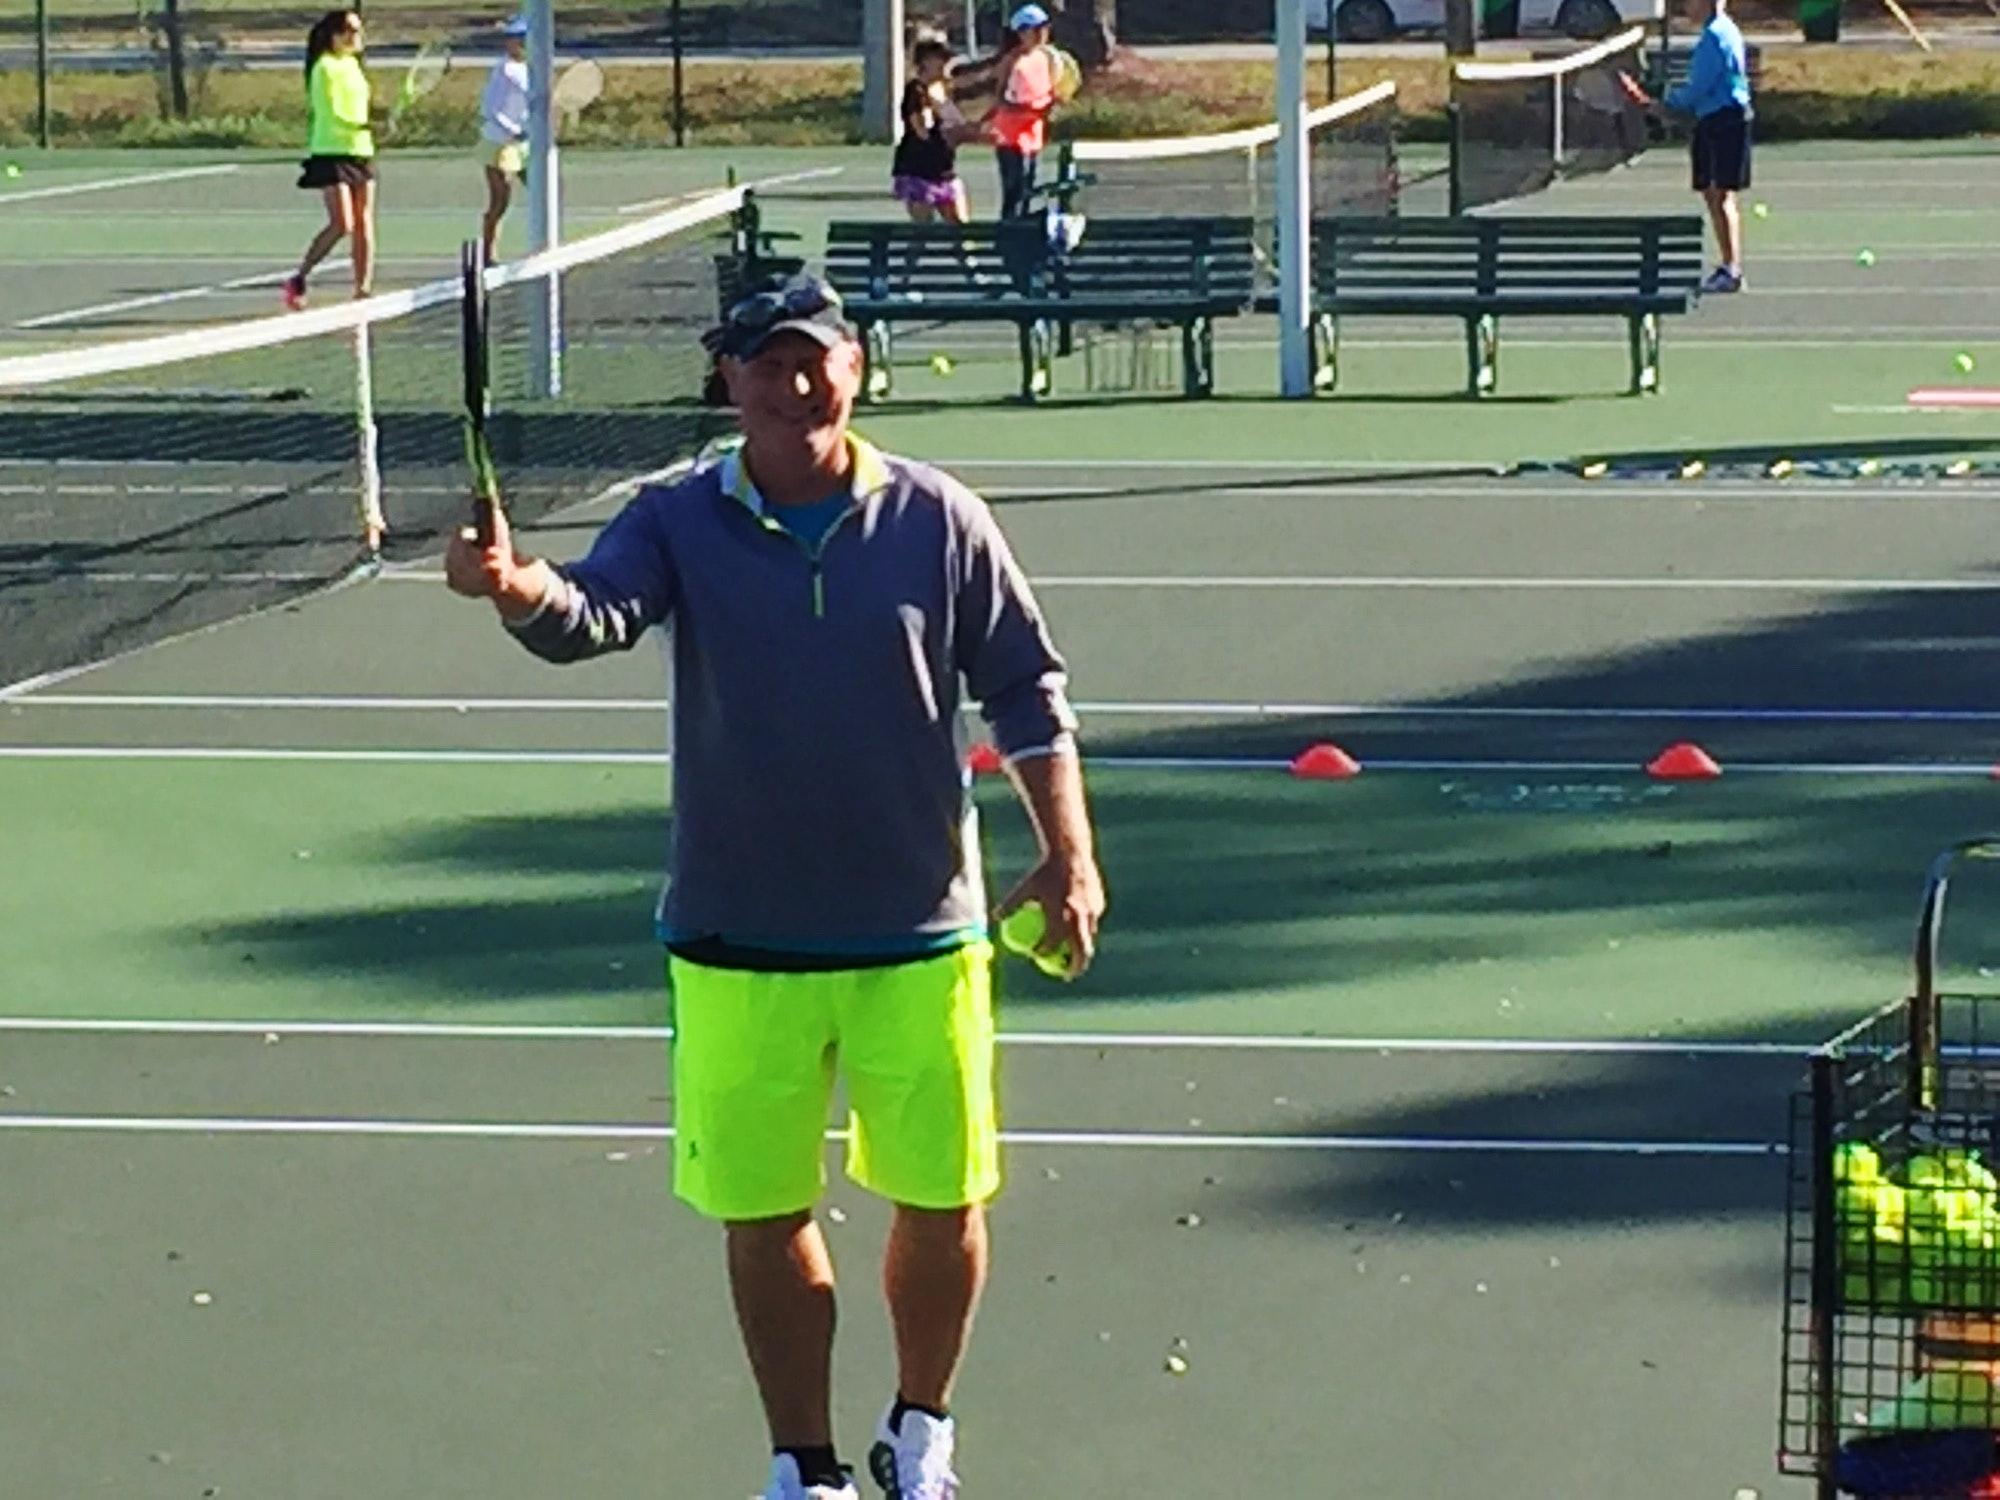 Brian G. teaches tennis lessons in Port St Lucie, FL